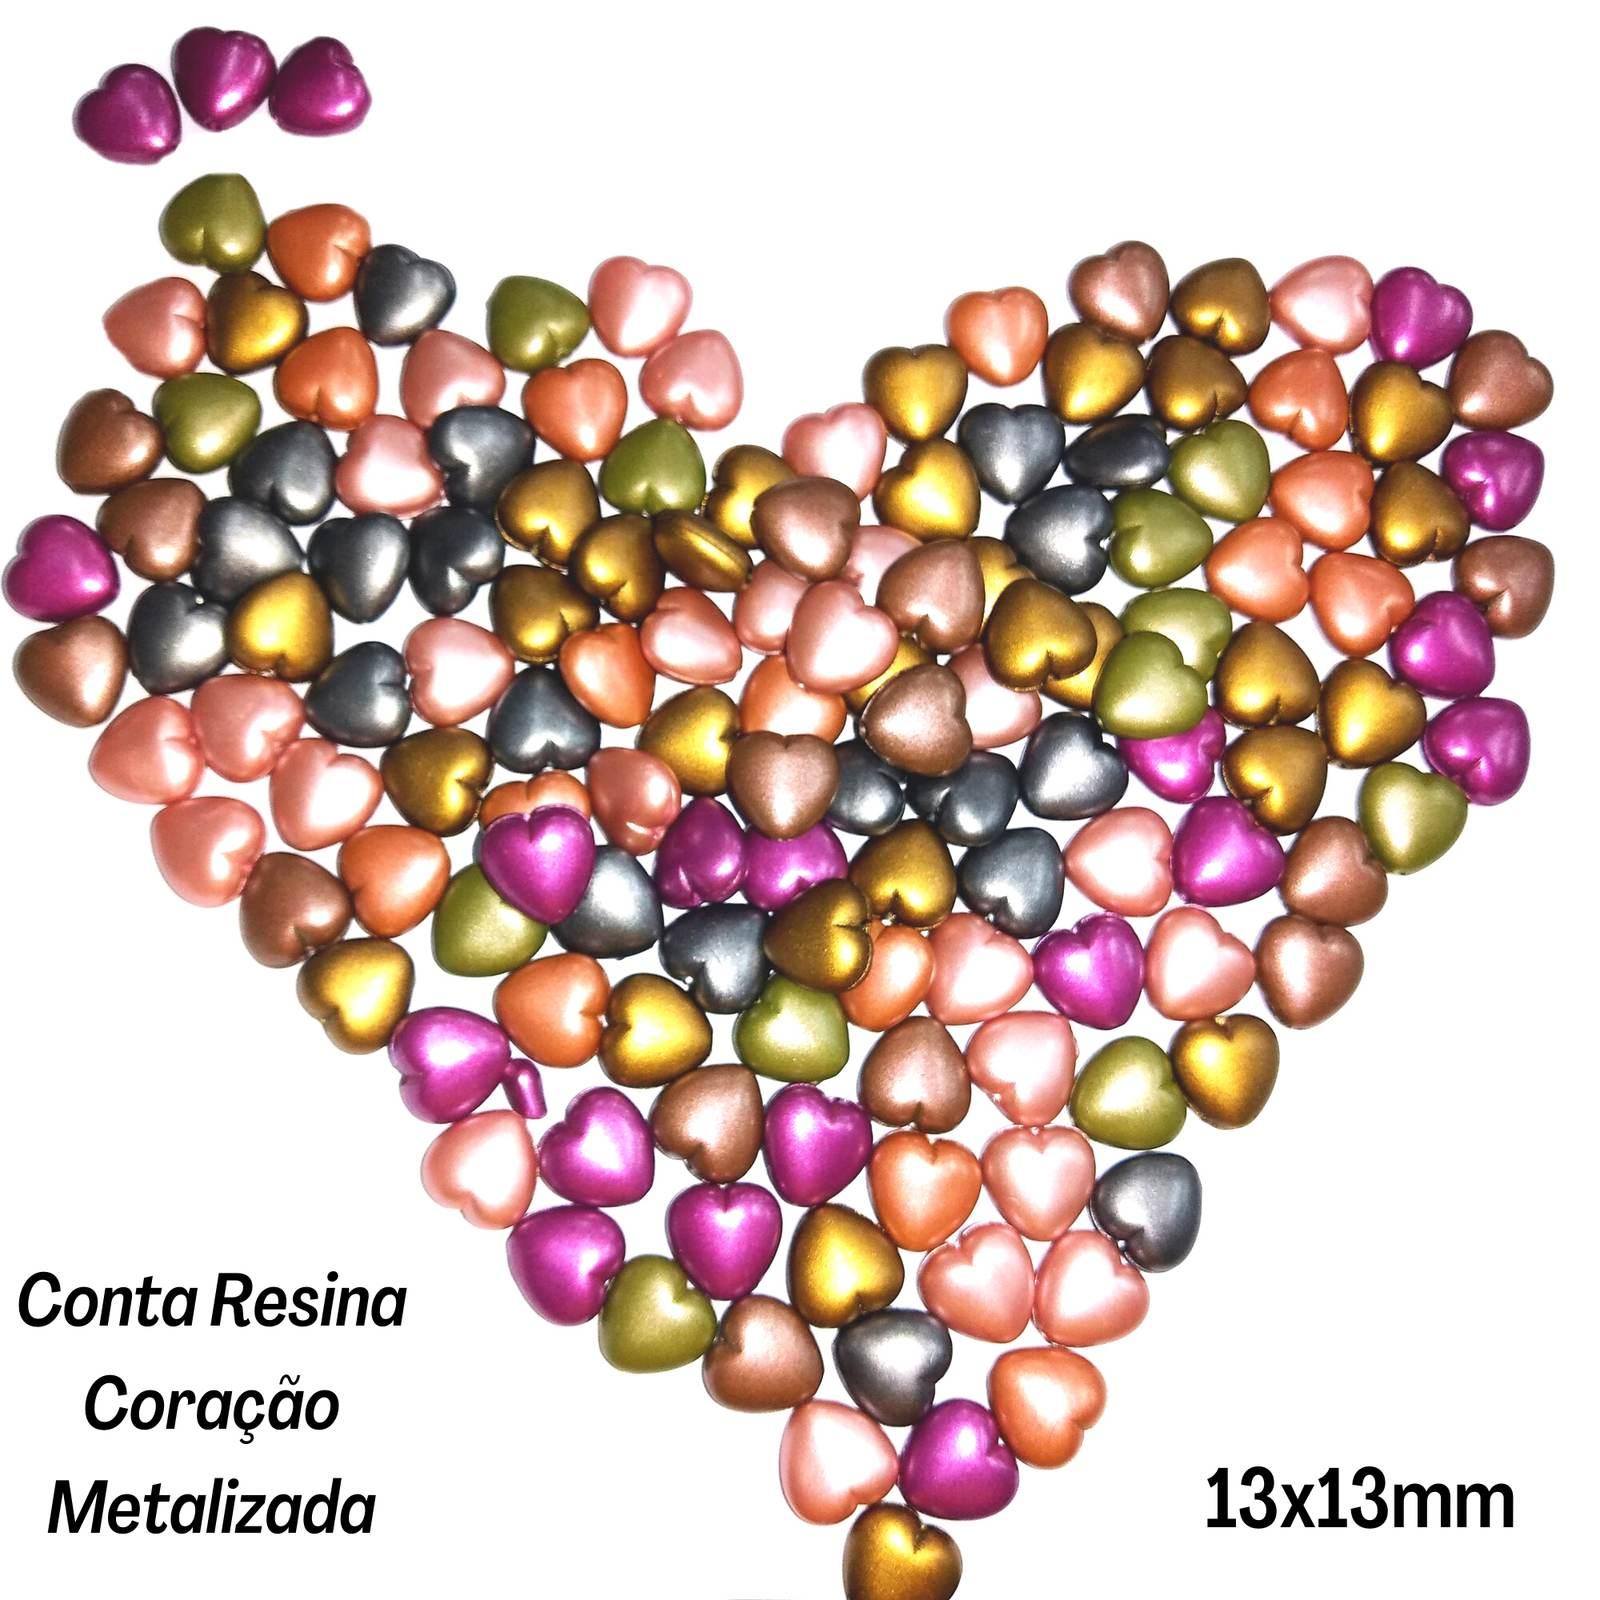 Conta Resina Coração Metalizada 13X13 C/500G